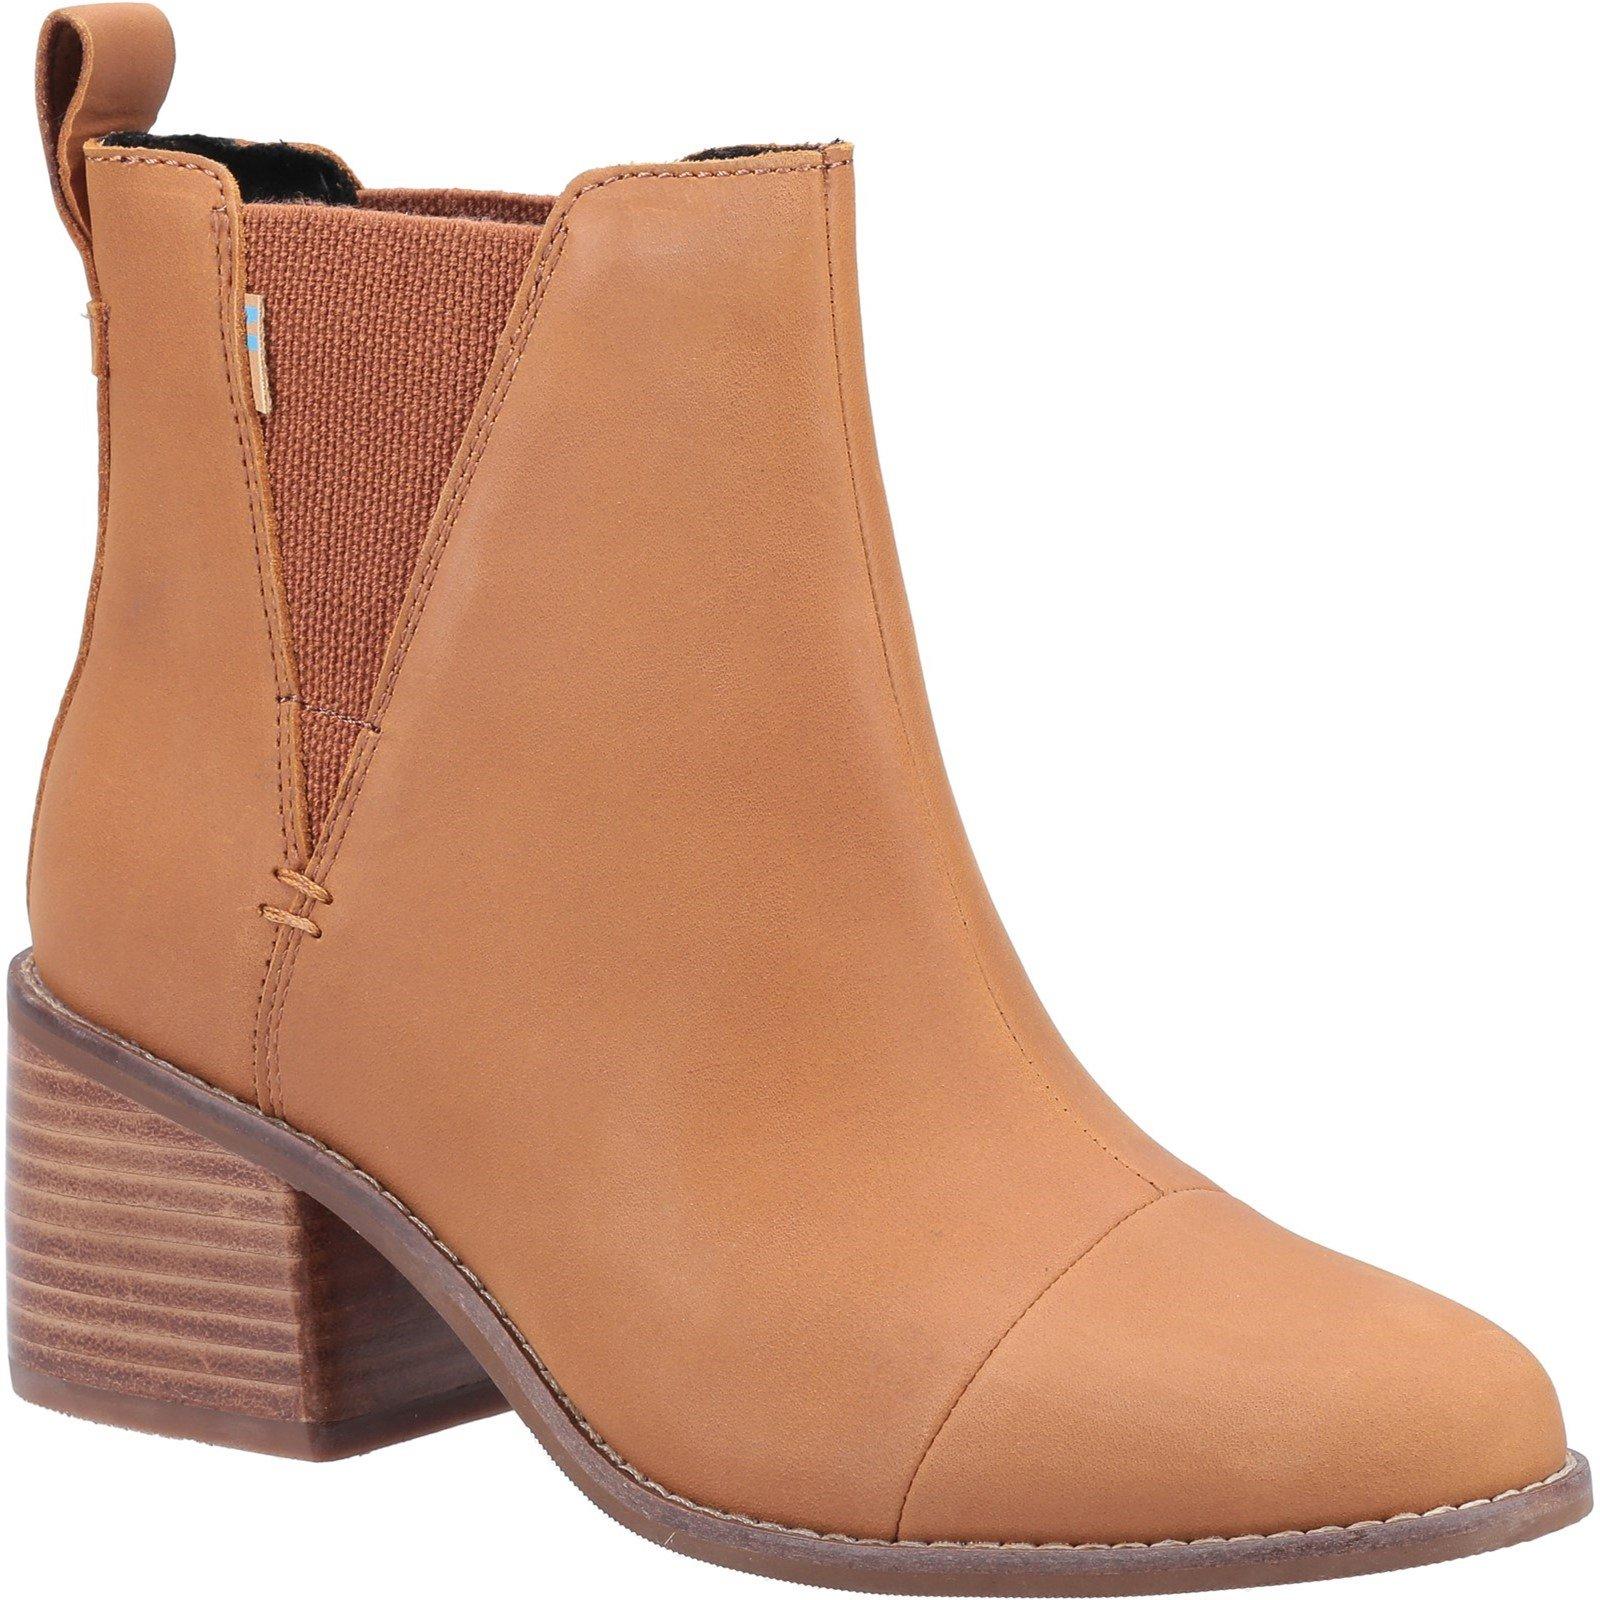 TOMS Women's Esme Boot Tan 32645 - Tan 5